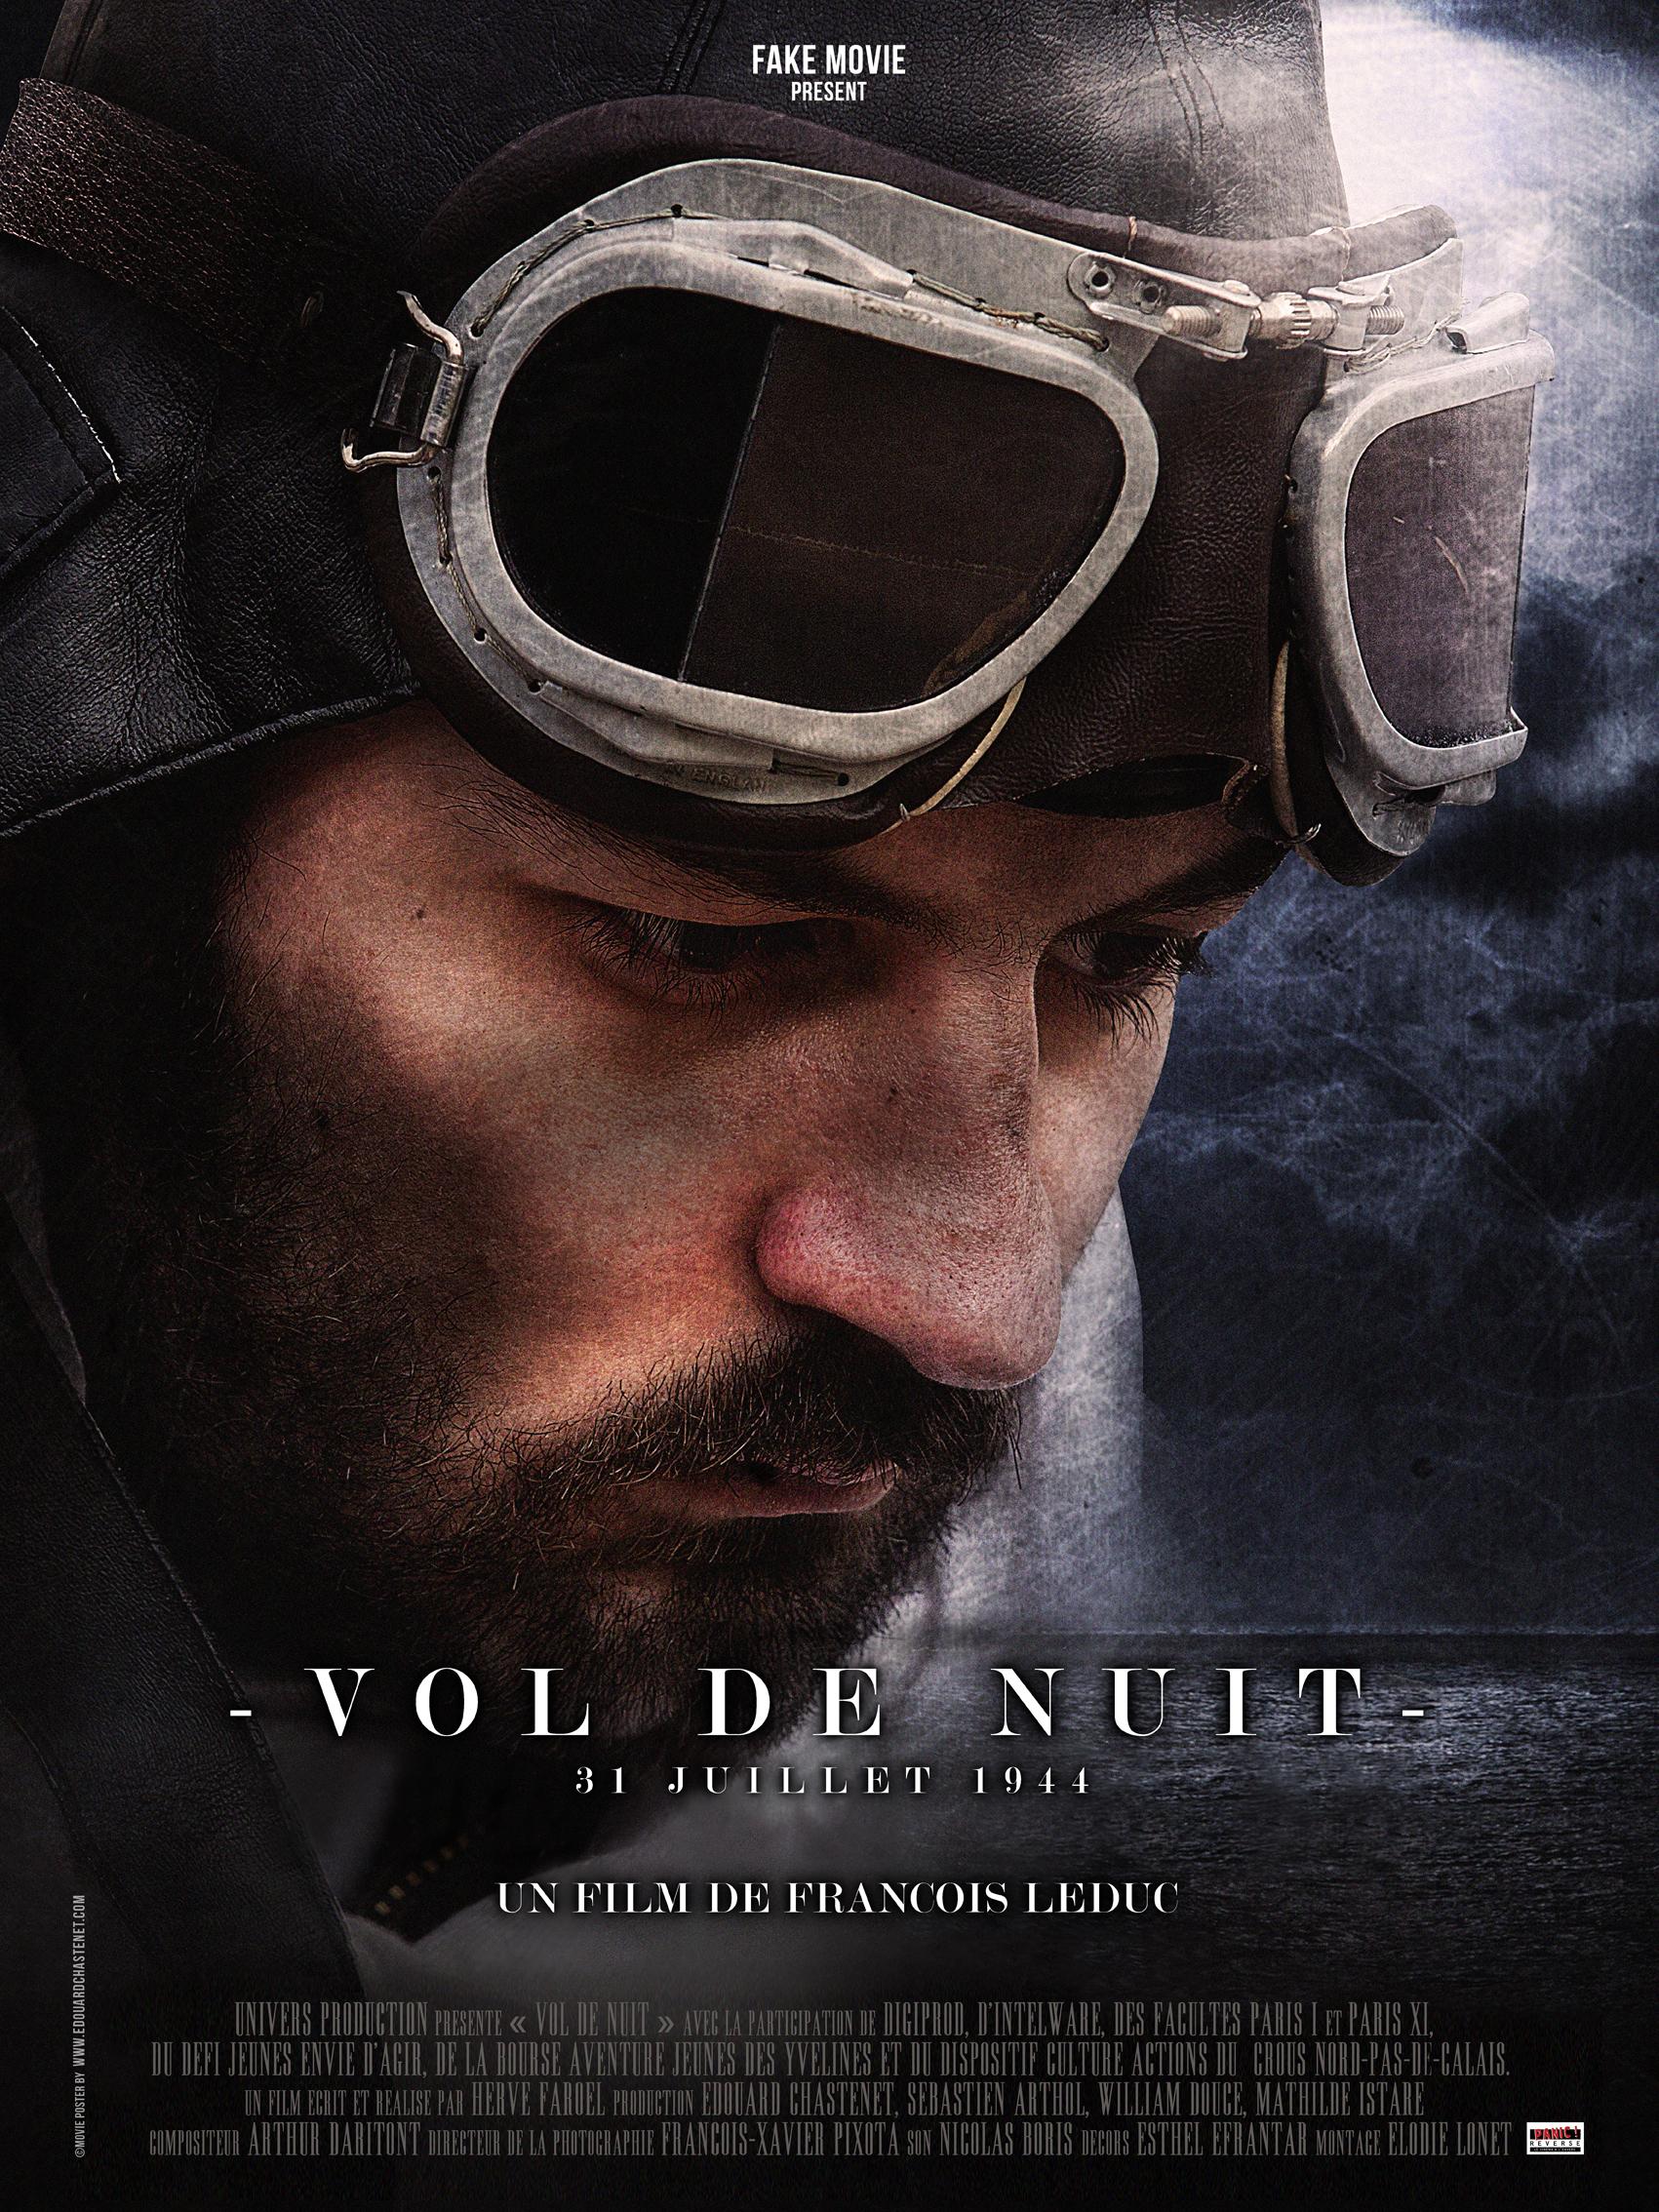 Vol_de_nuit 2 - Edouard Chastenet